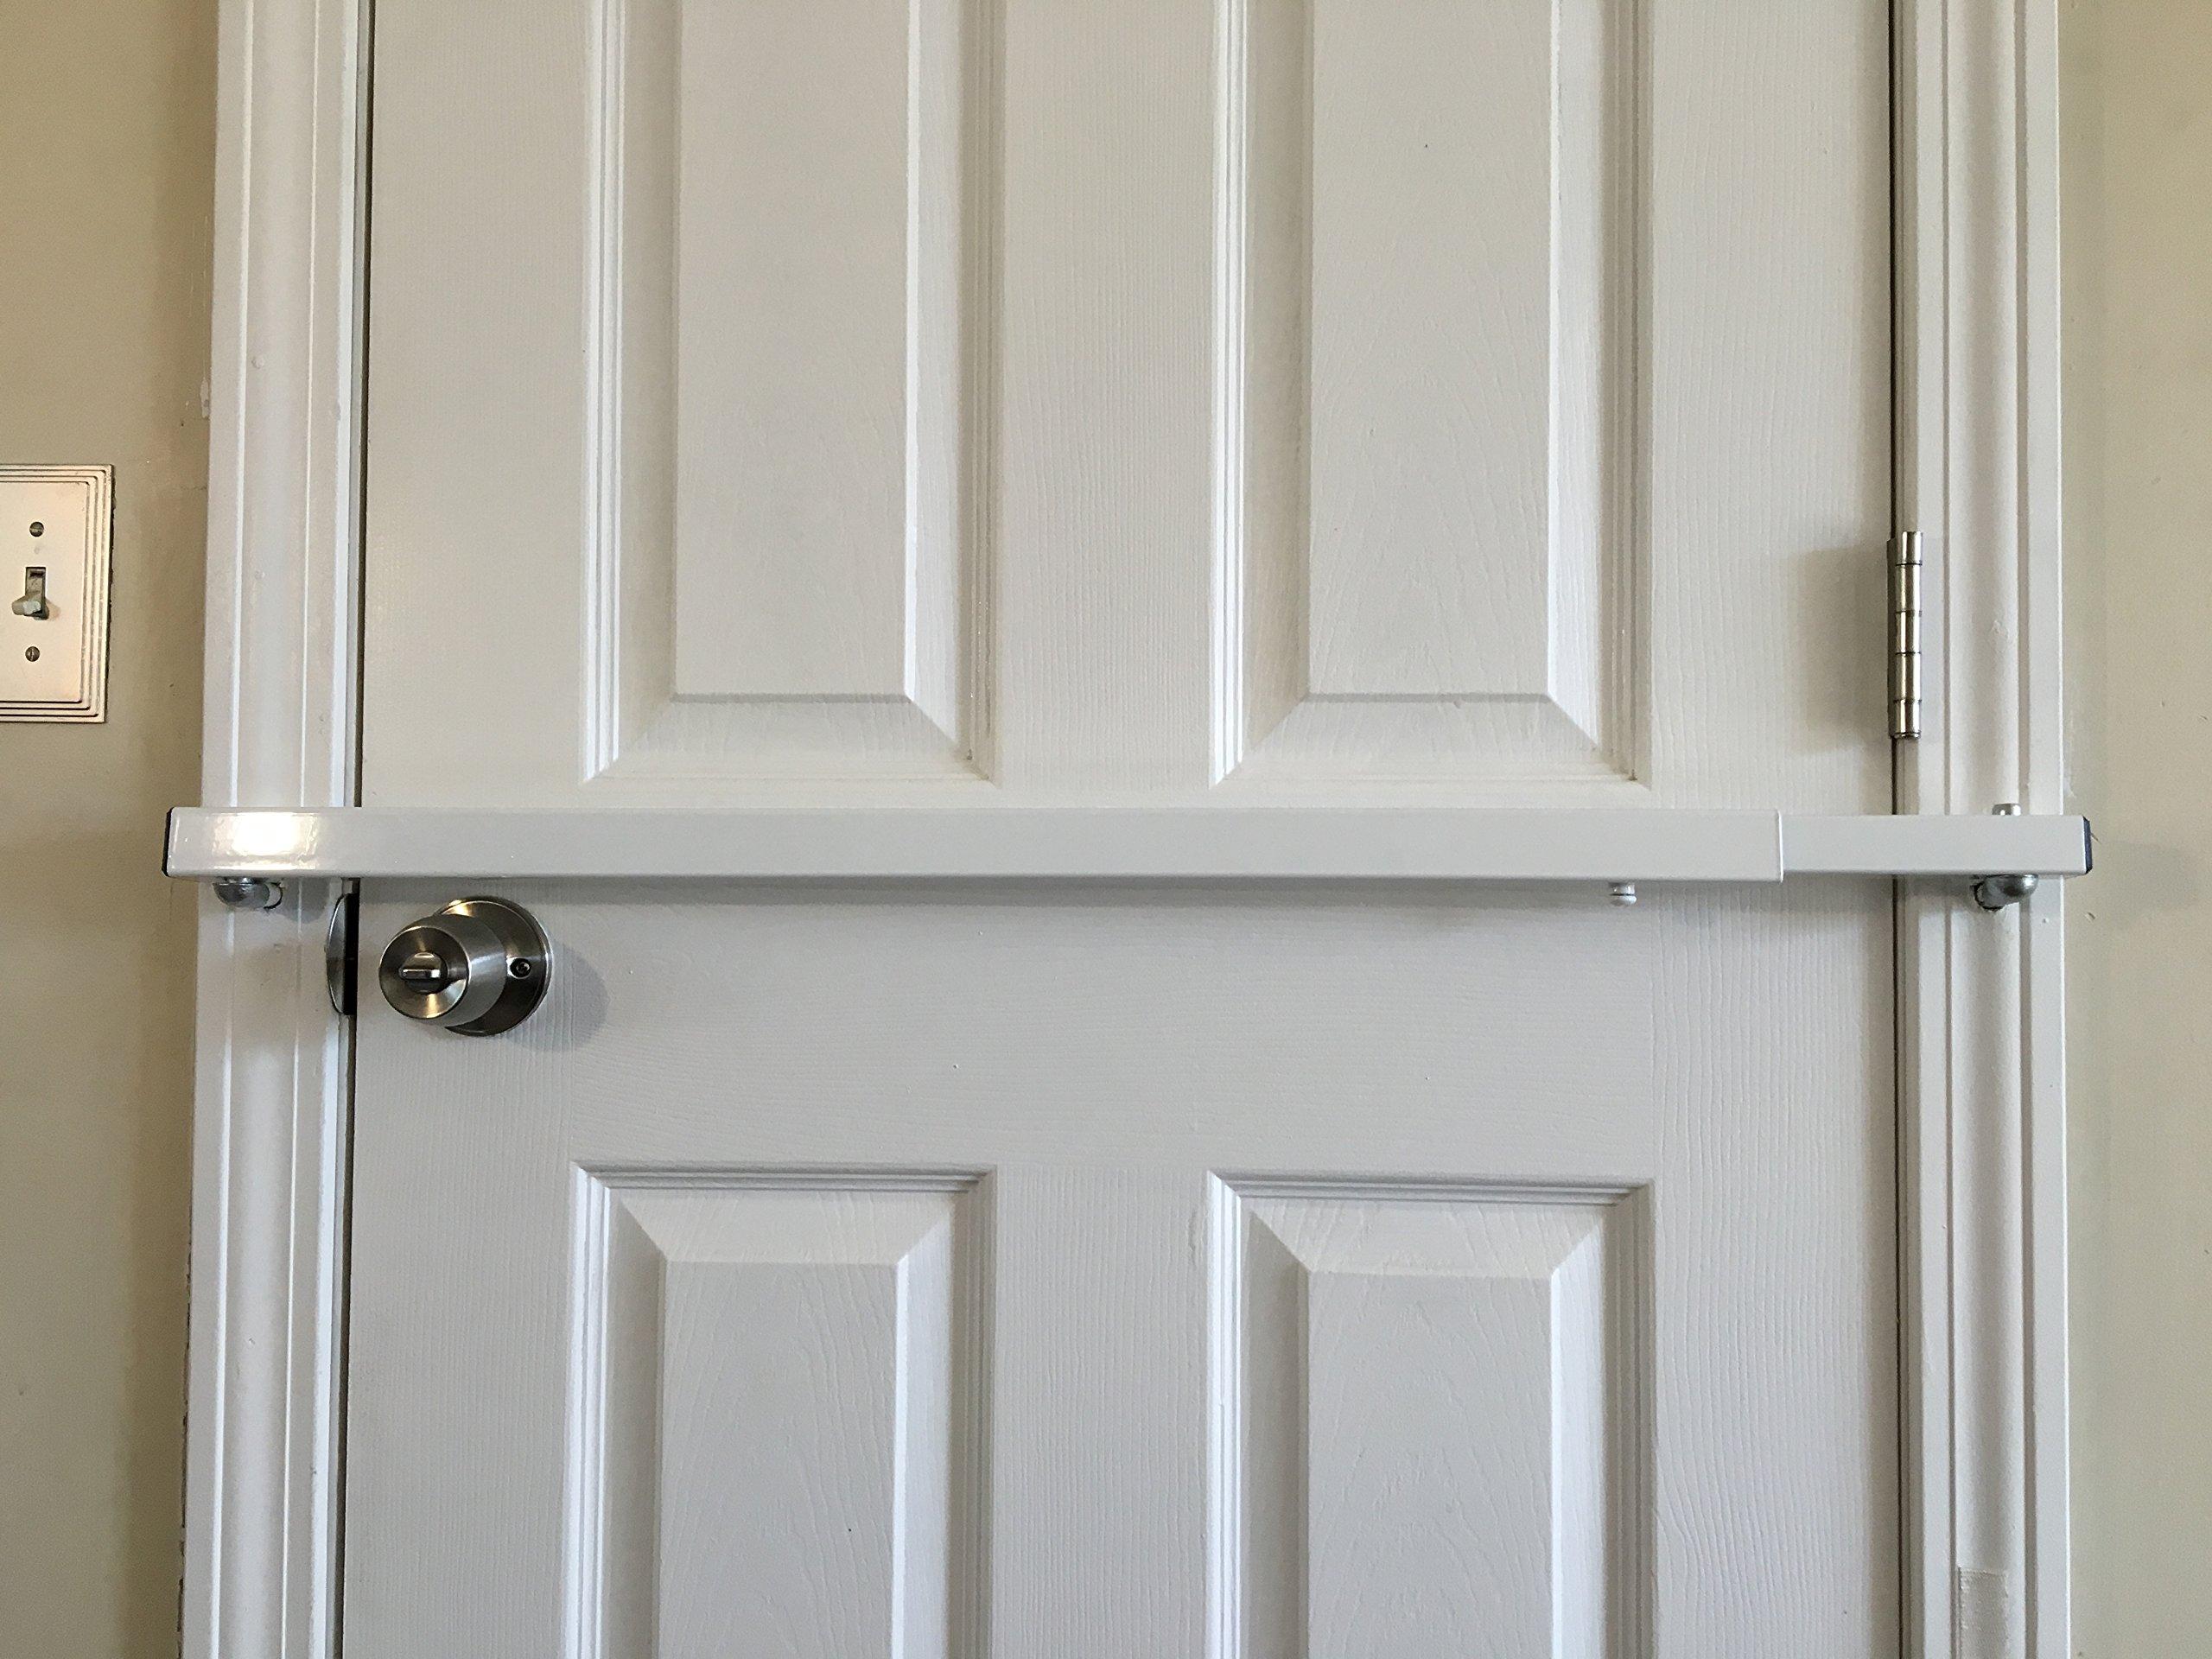 Door Bar Pro Model 42 AIO Steel Door Security Bar for Inswing Doors - Fits Doors From 24'' to 48'' Wide by Door Bar Pro